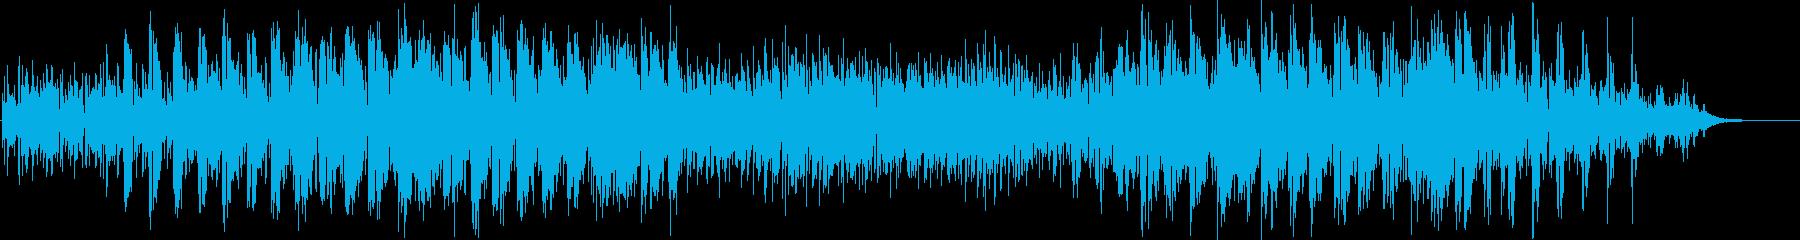 ジャズとボサ、テーマとソロ楽器。の再生済みの波形